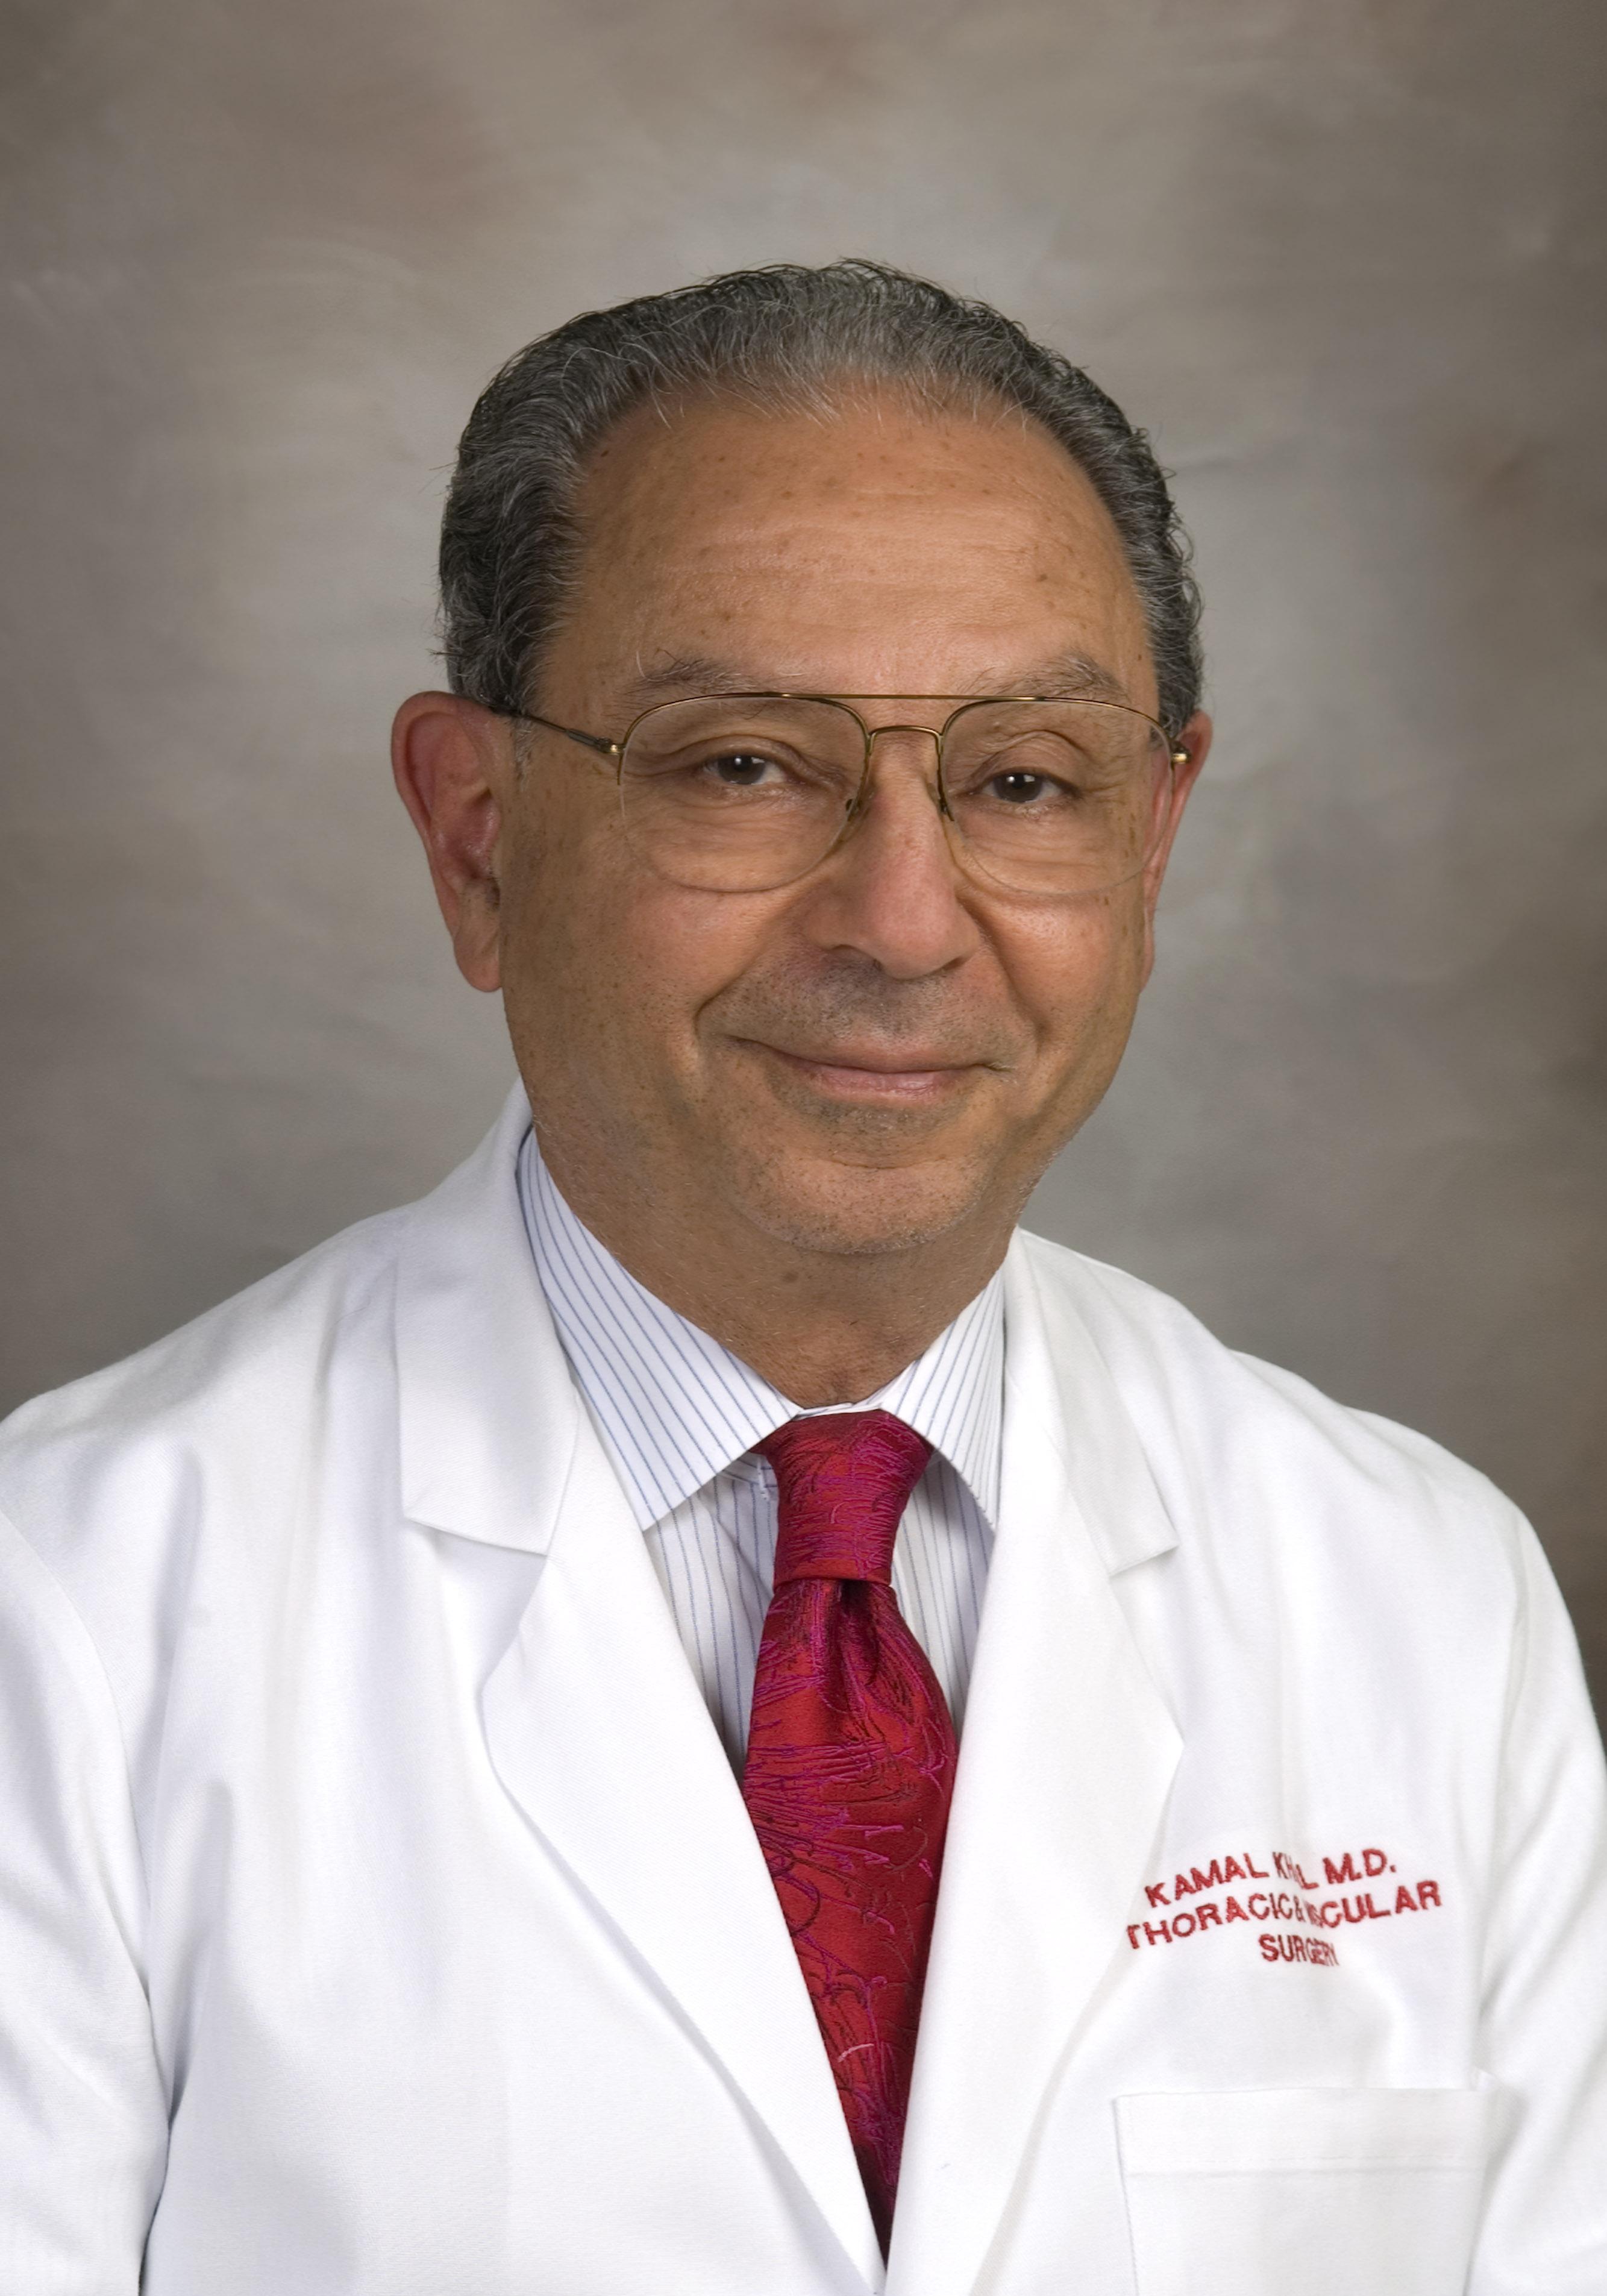 Headshot for Dr. Kamal G. Khalil